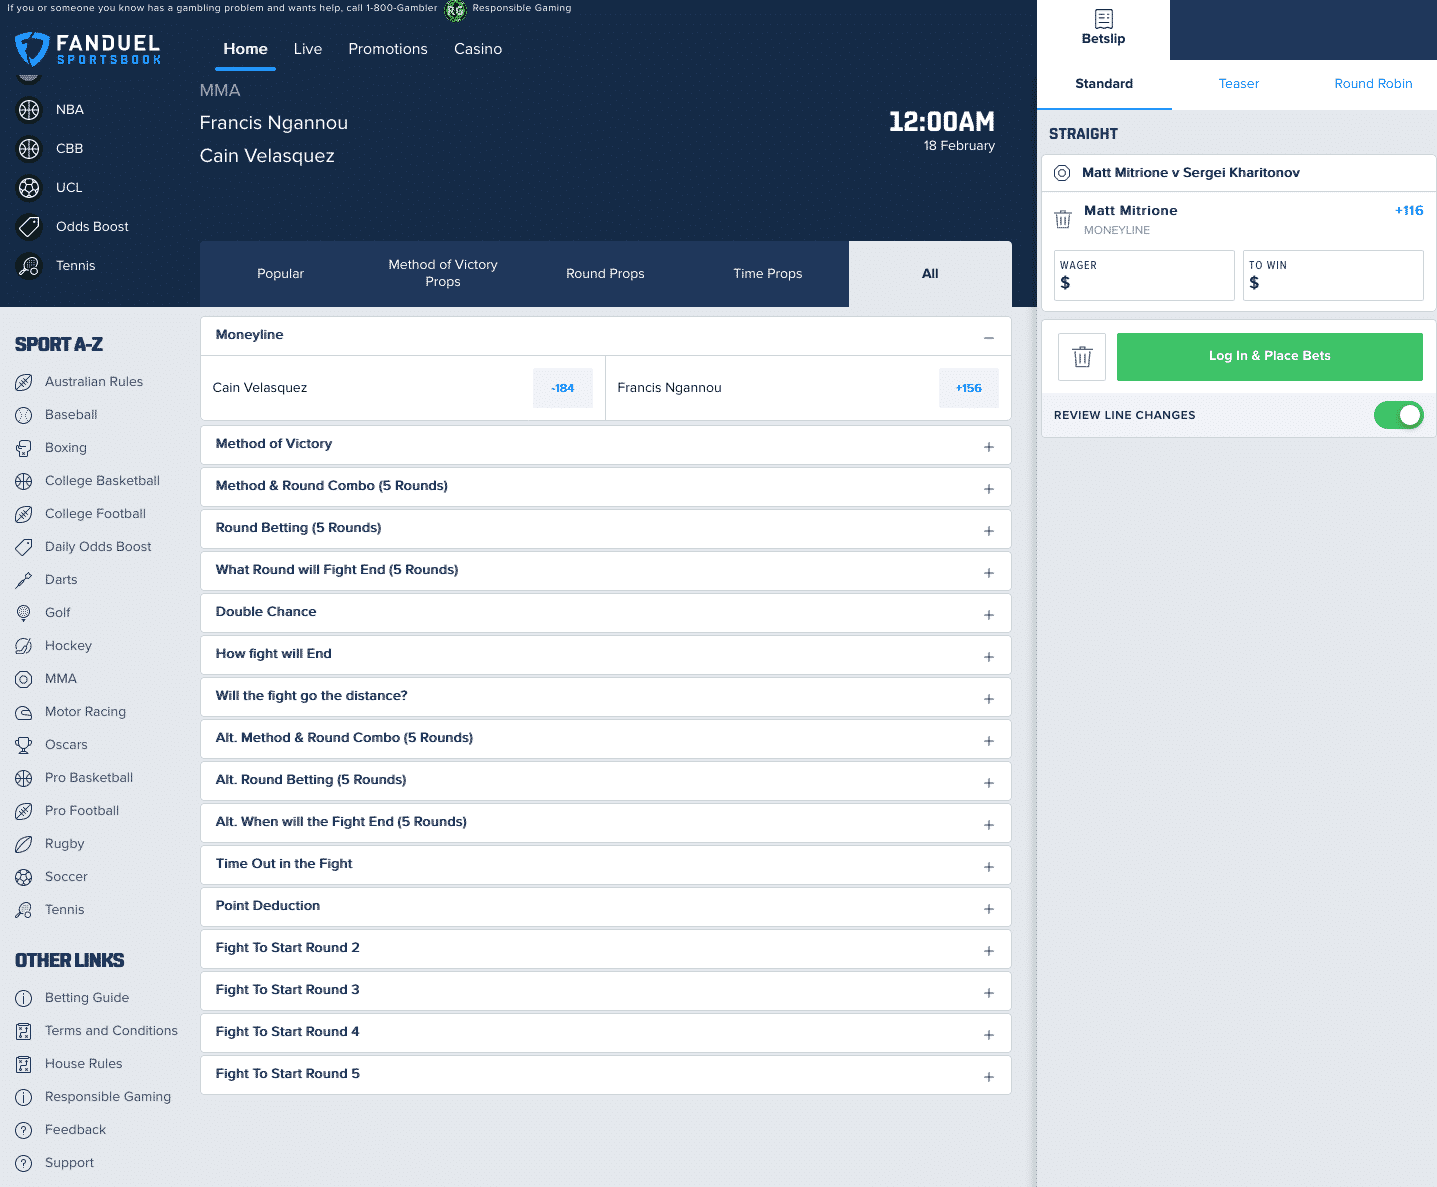 FanDuel sports betting